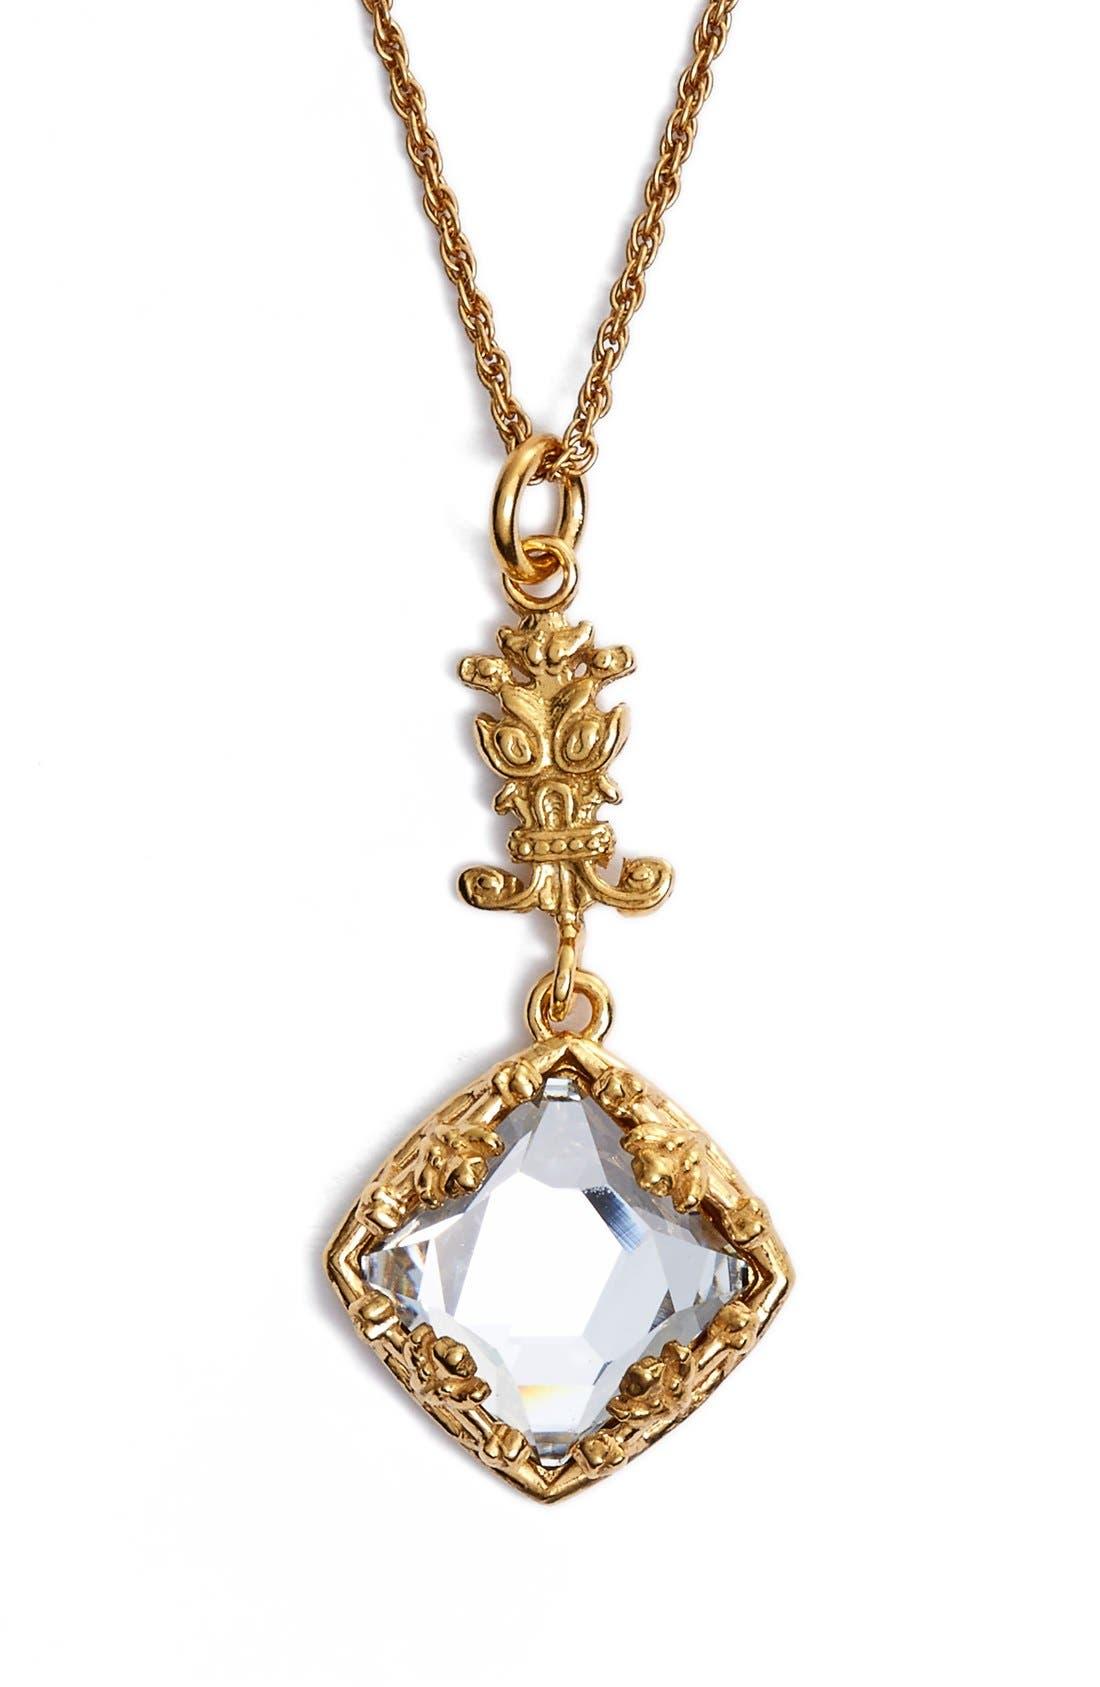 Main Image - Virgins Saints & Angels 'Captain Hook - Treasure' Charm Necklace